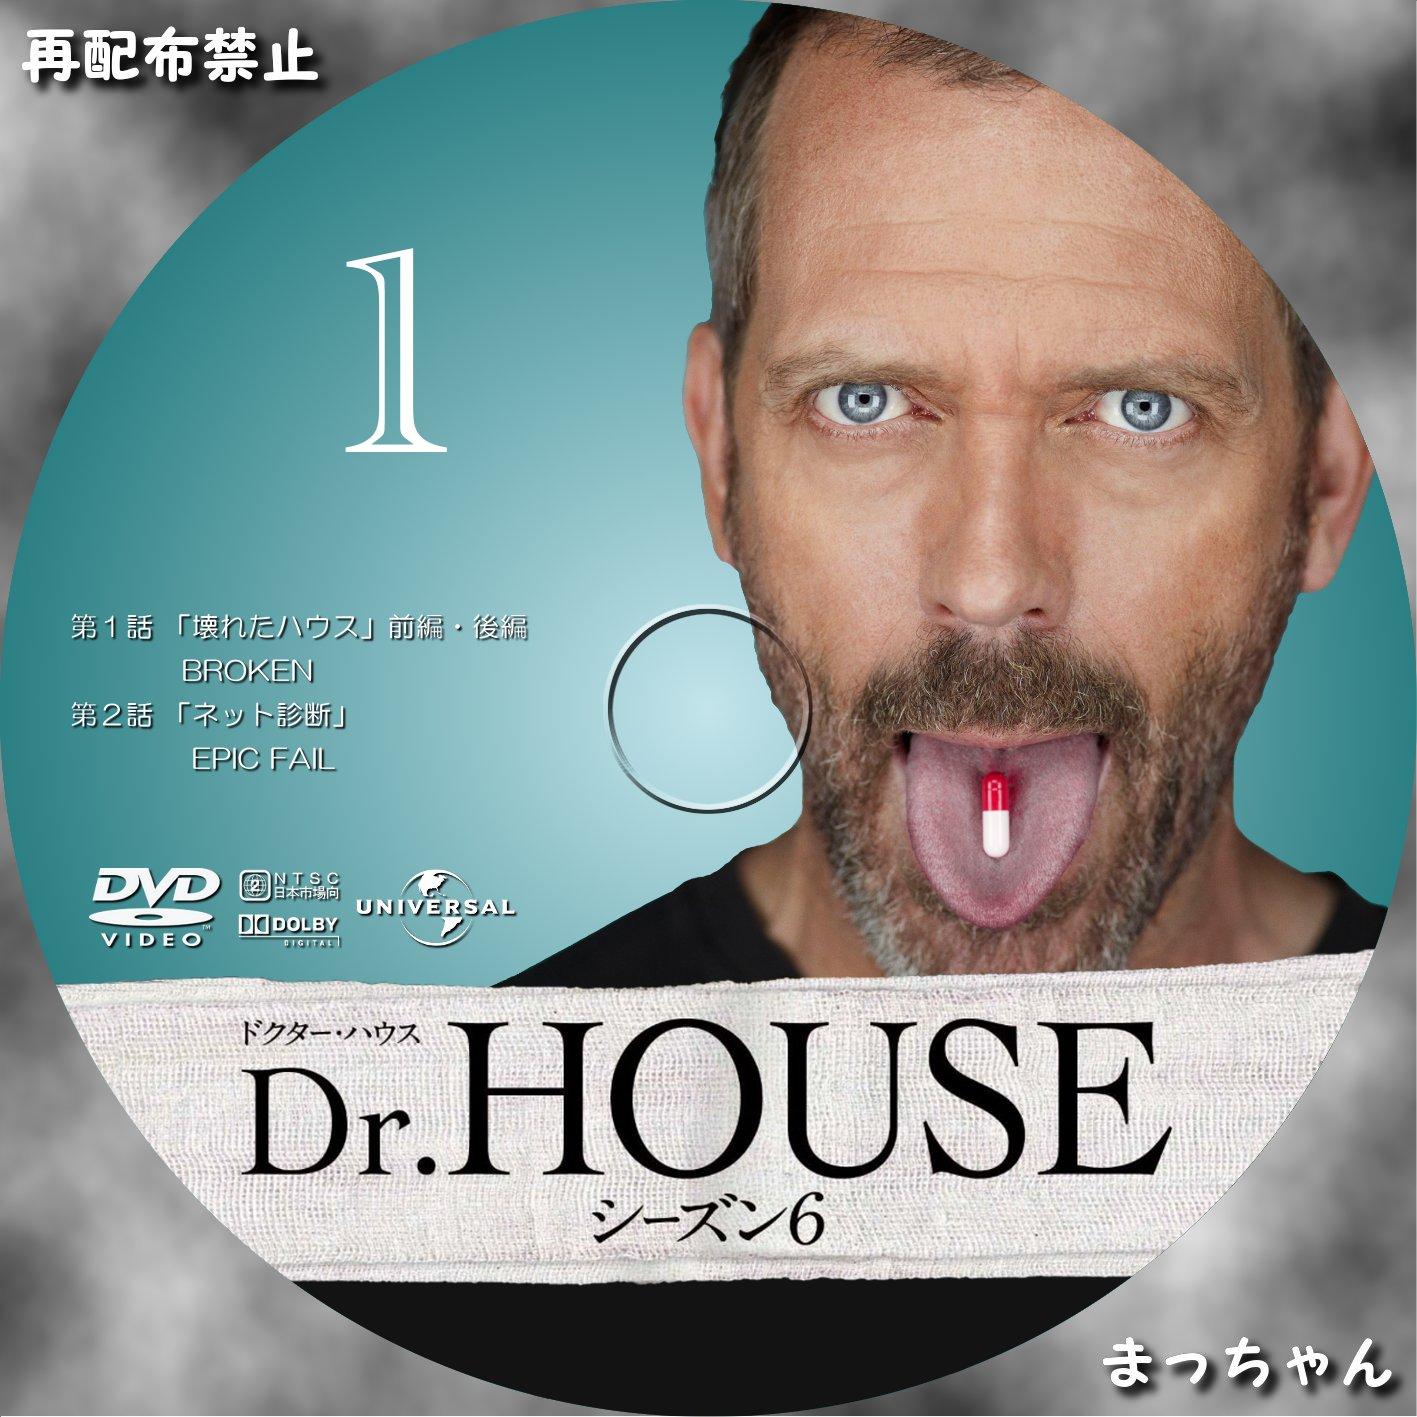 dr house 8 bing. Black Bedroom Furniture Sets. Home Design Ideas